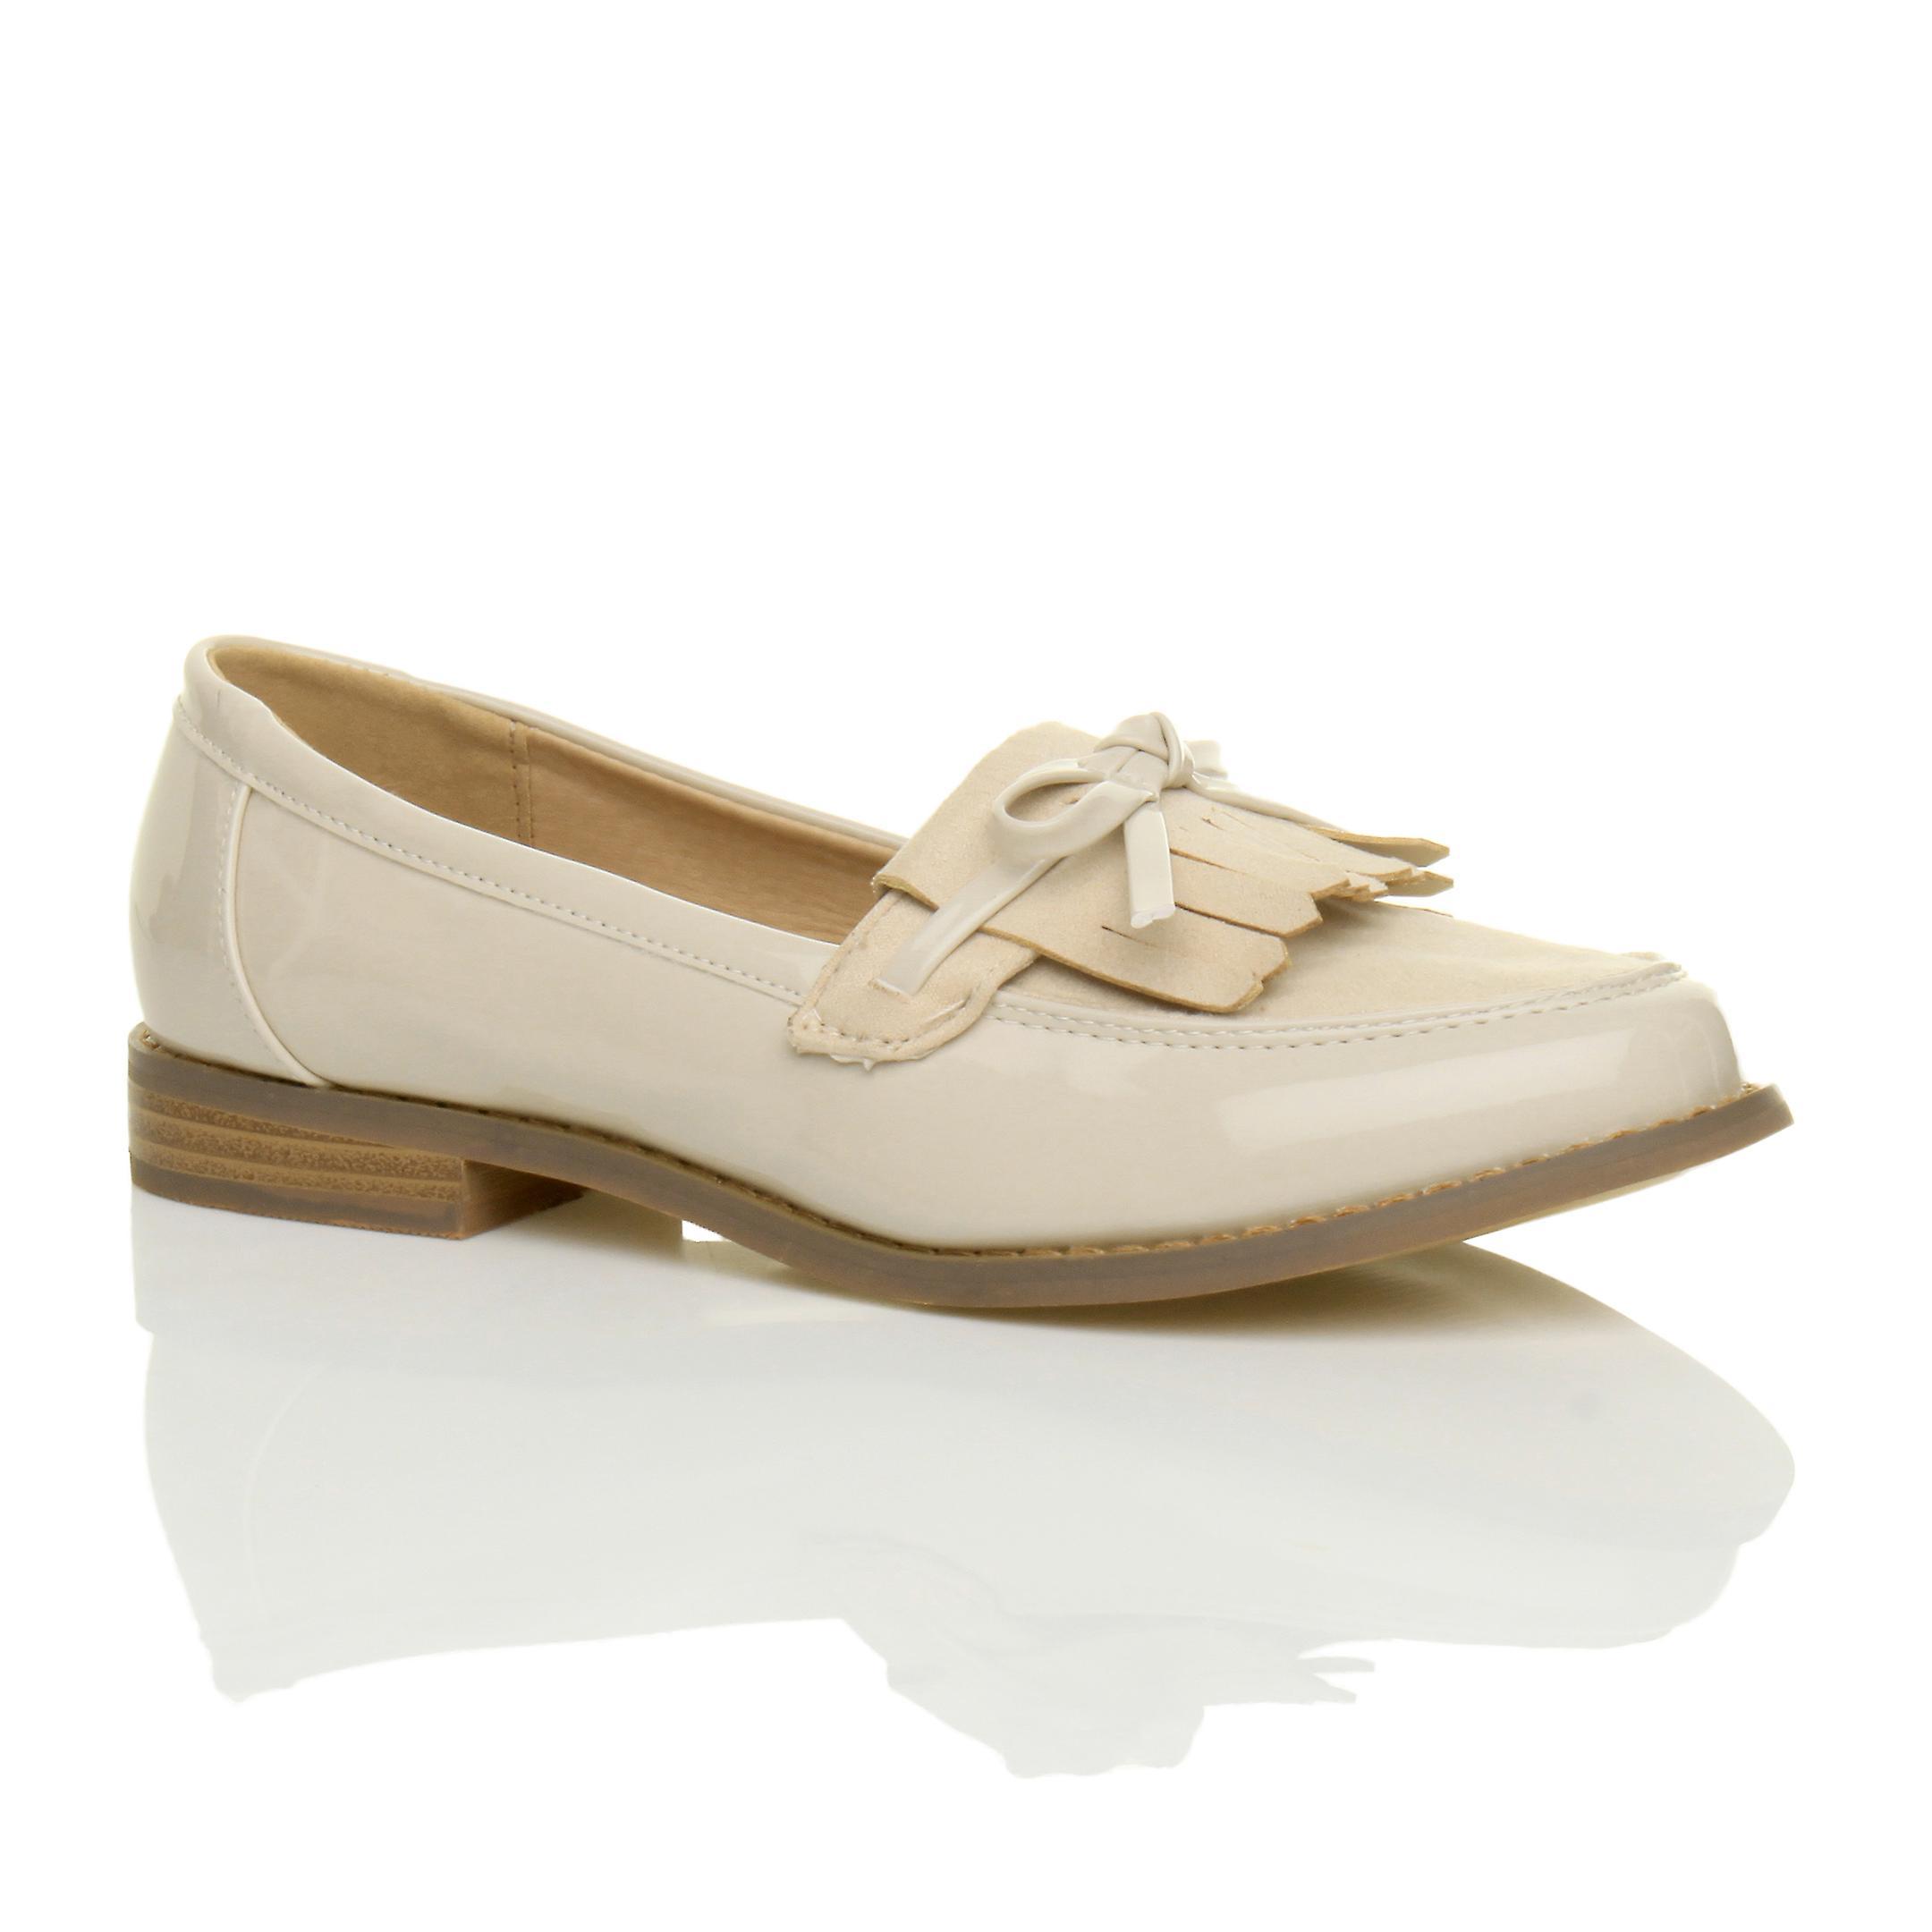 Ajvani womens flat low heel contrast fringe tassel bow loafers work shoes